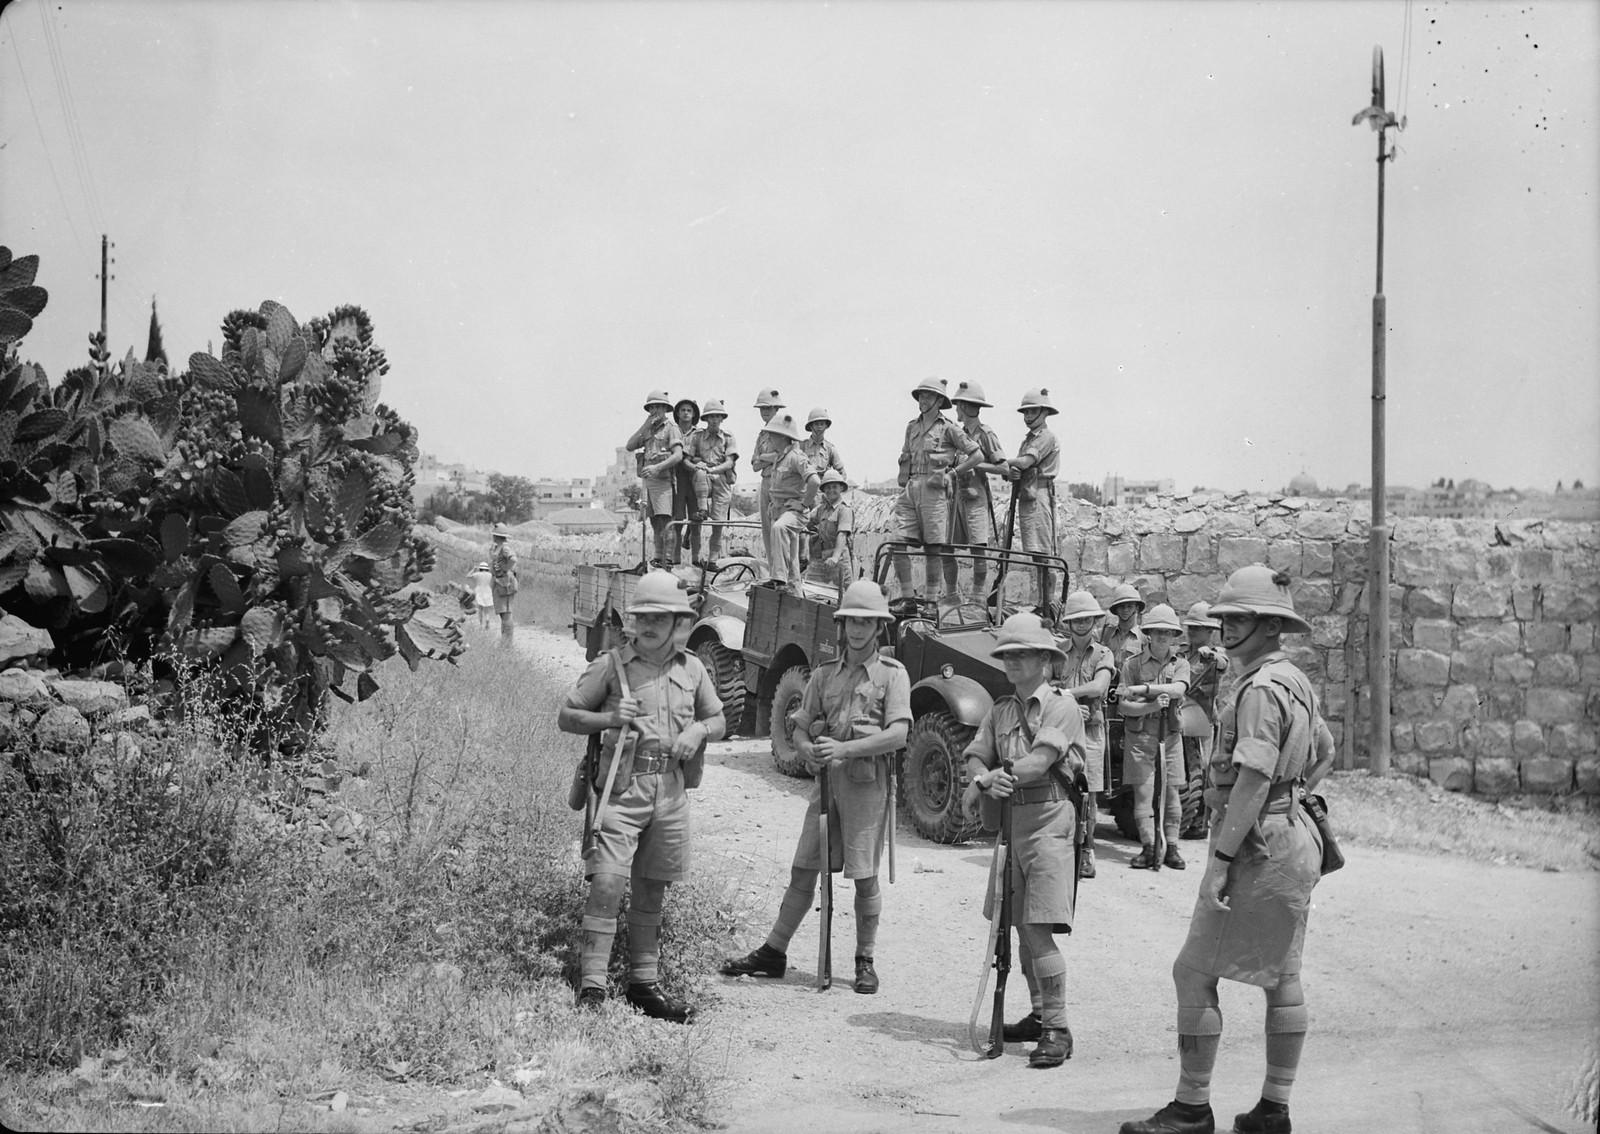 09. Британские войска в резерве за изгородью из кактусов рядом с улицей Кинг-Джордж